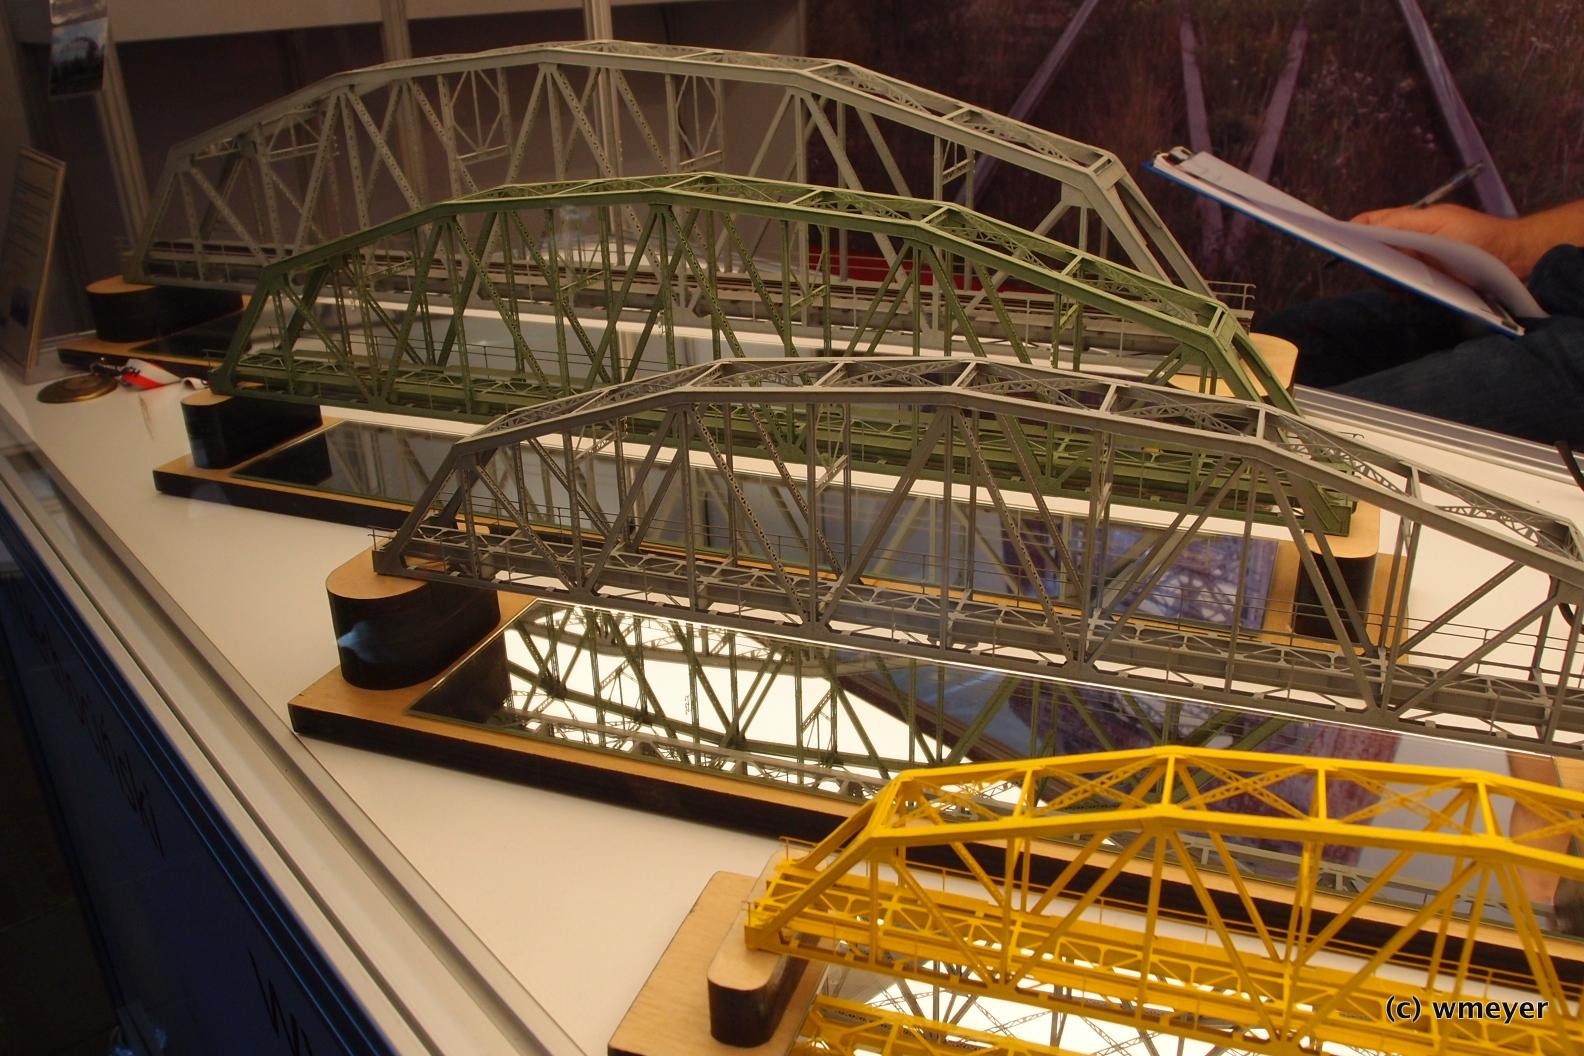 Polnischer Hersteller für sehr detaillierte Brücken